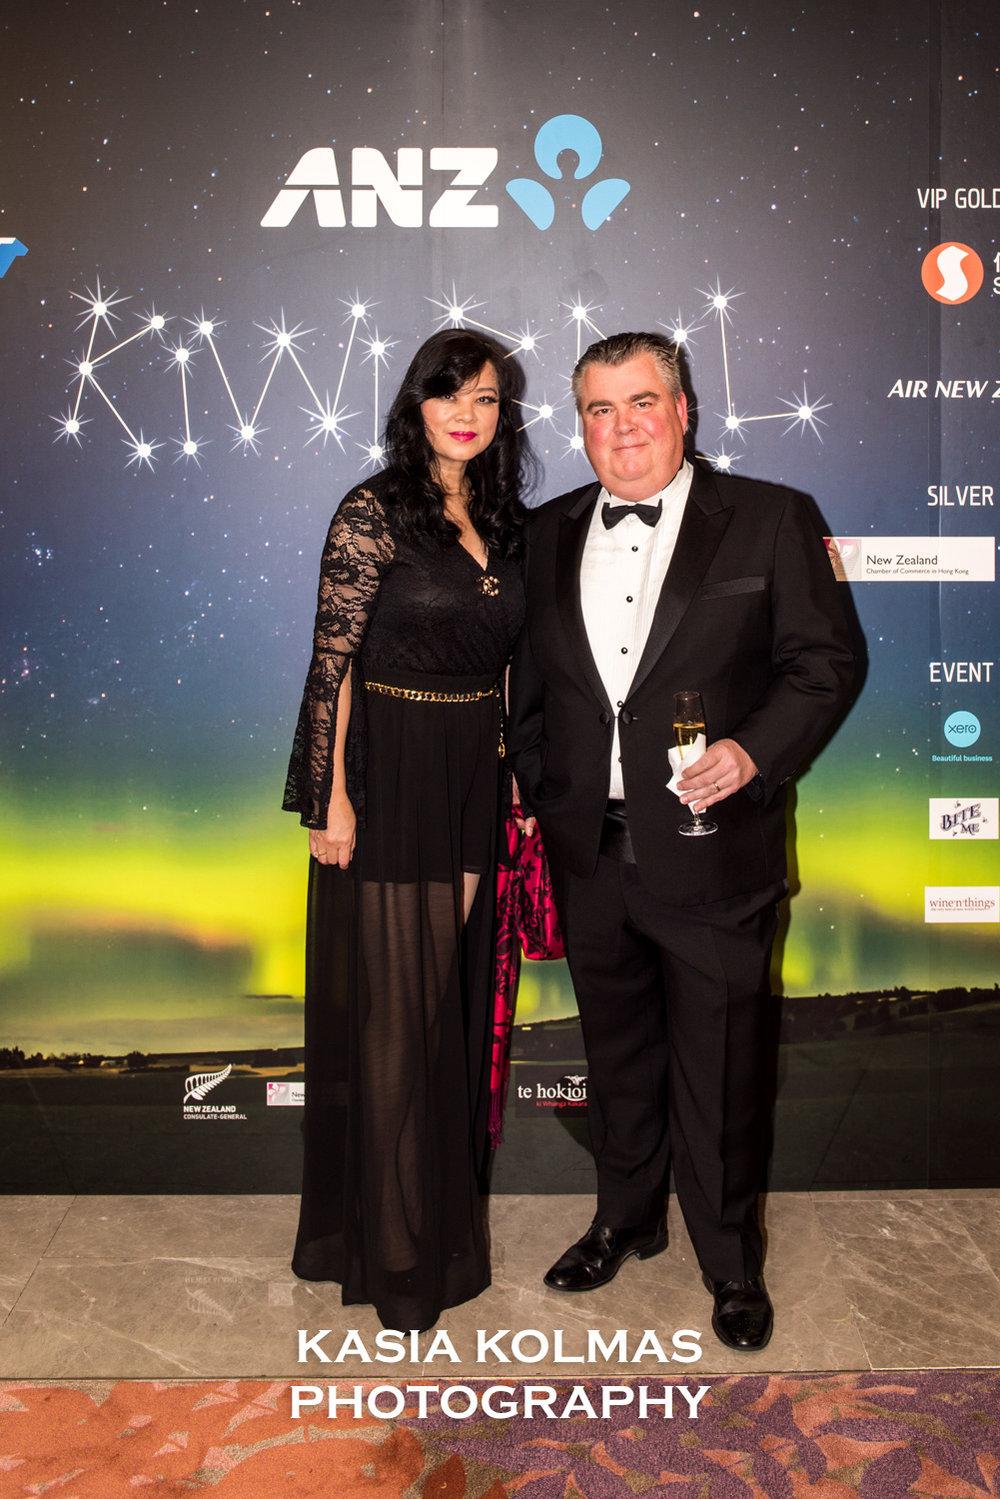 0162 - ANZ Kiwi Ball 2018